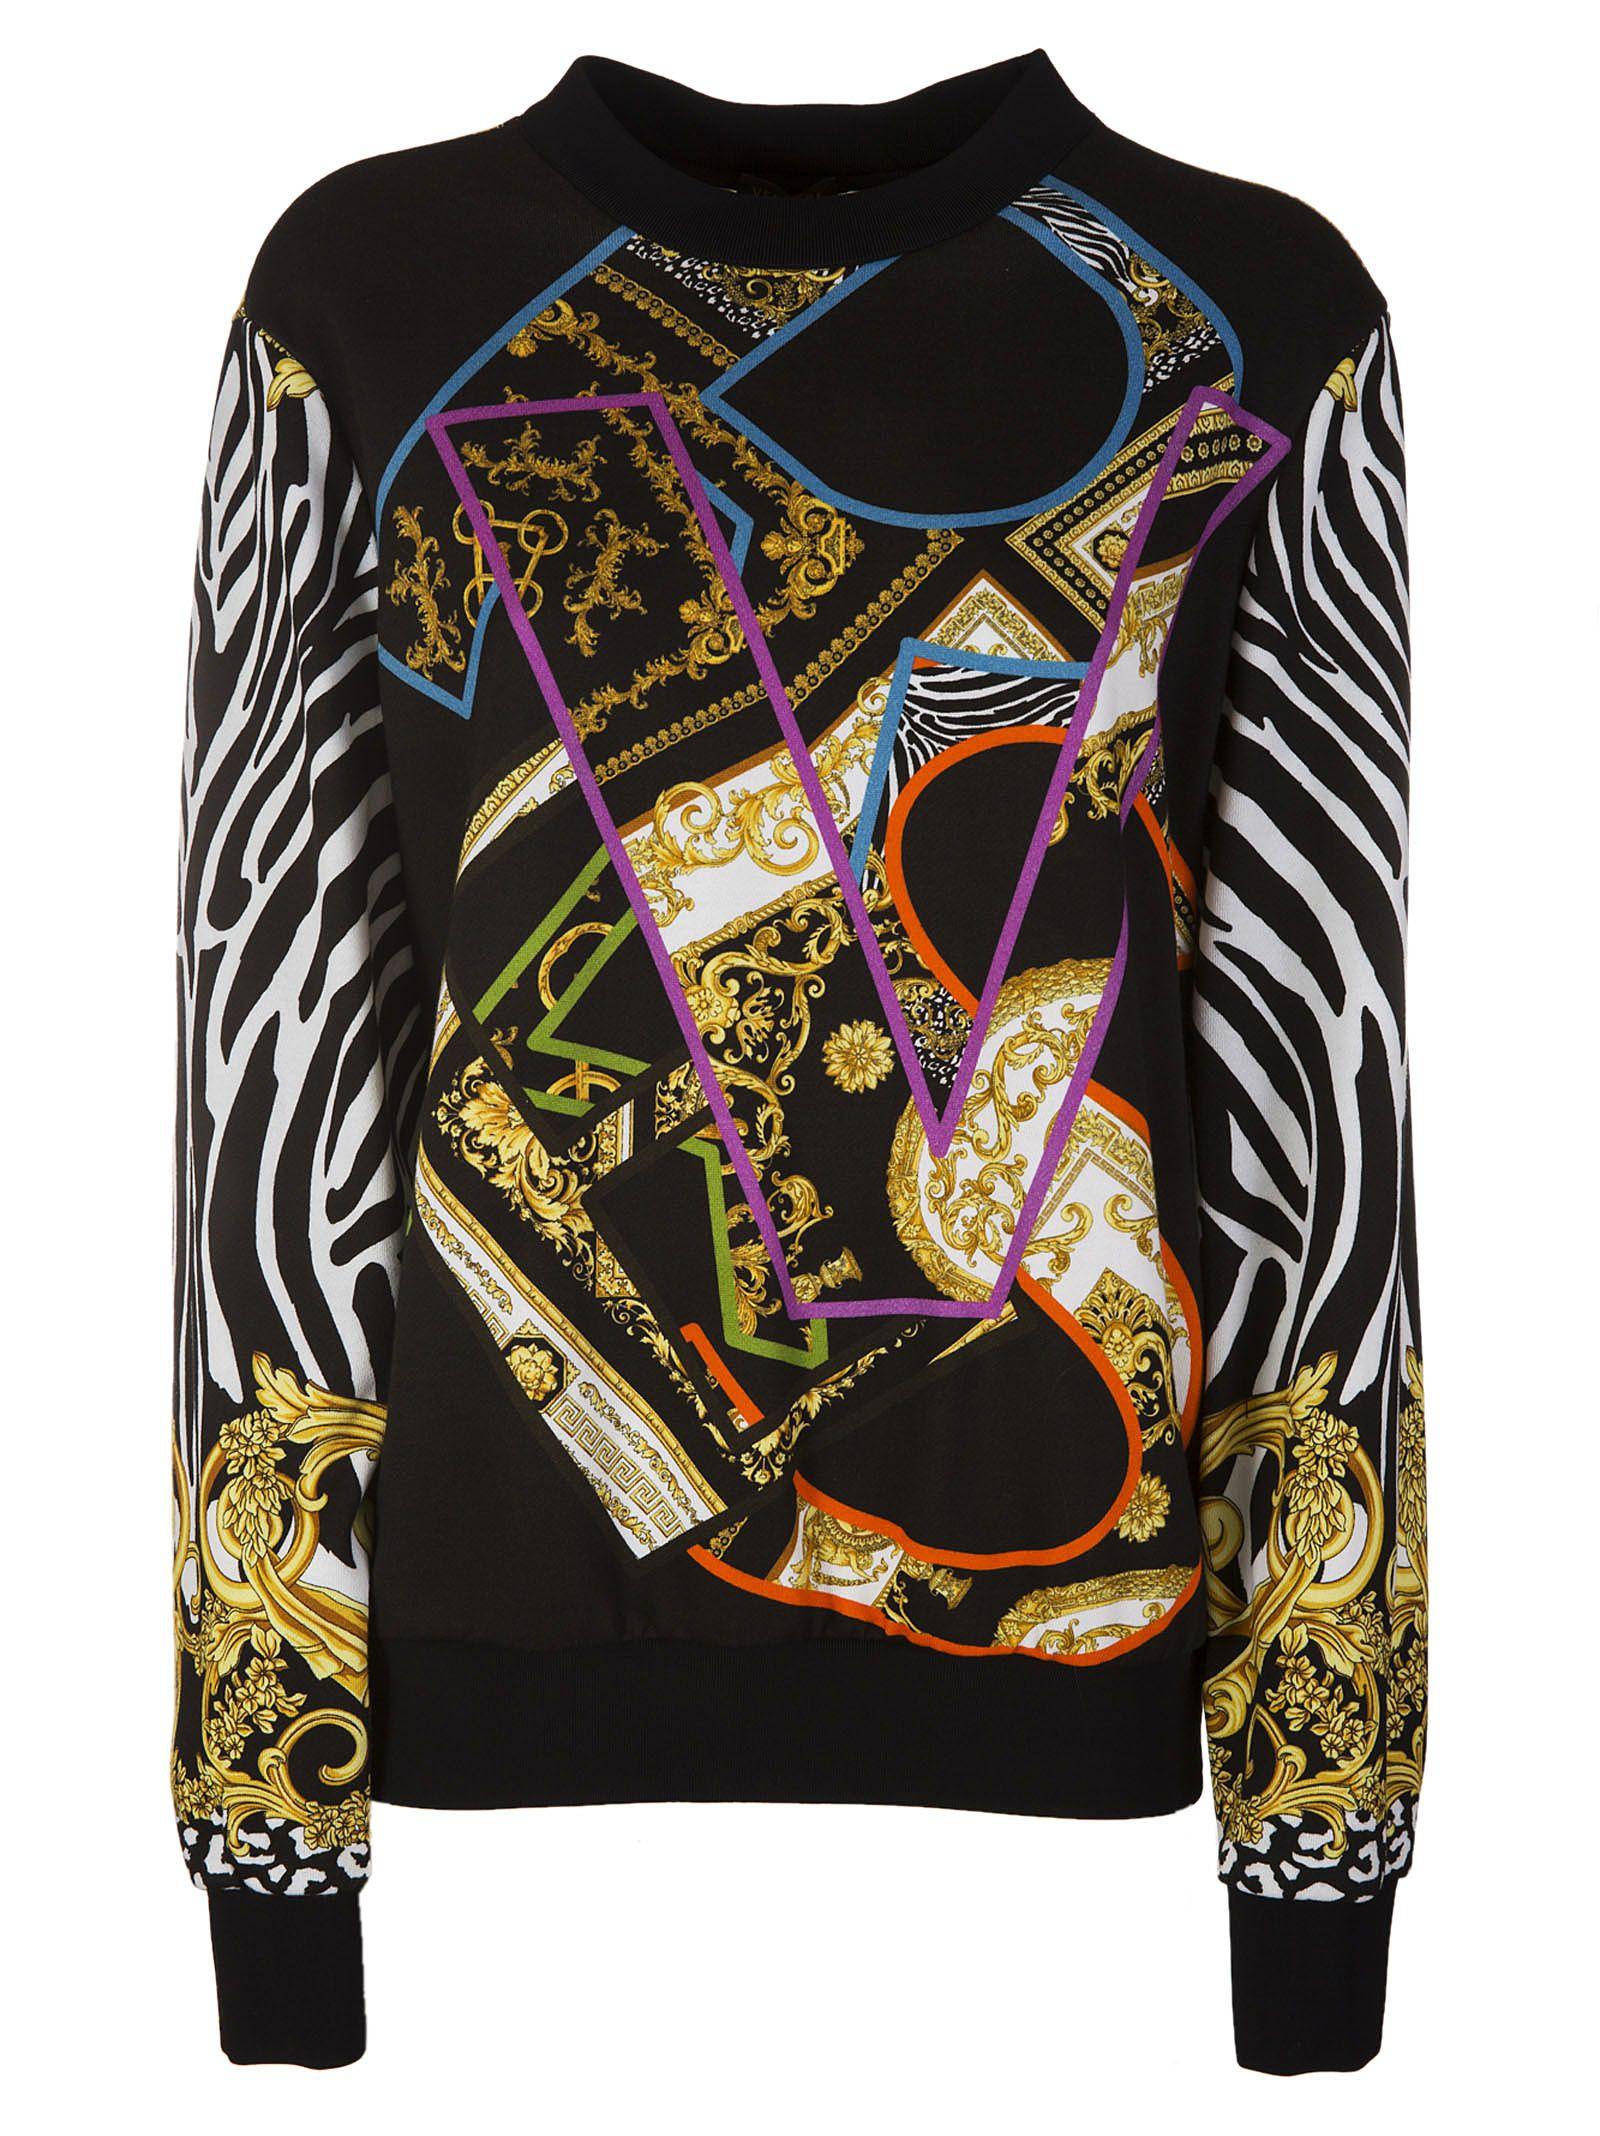 Versace Baroque Branded Sweatshirt